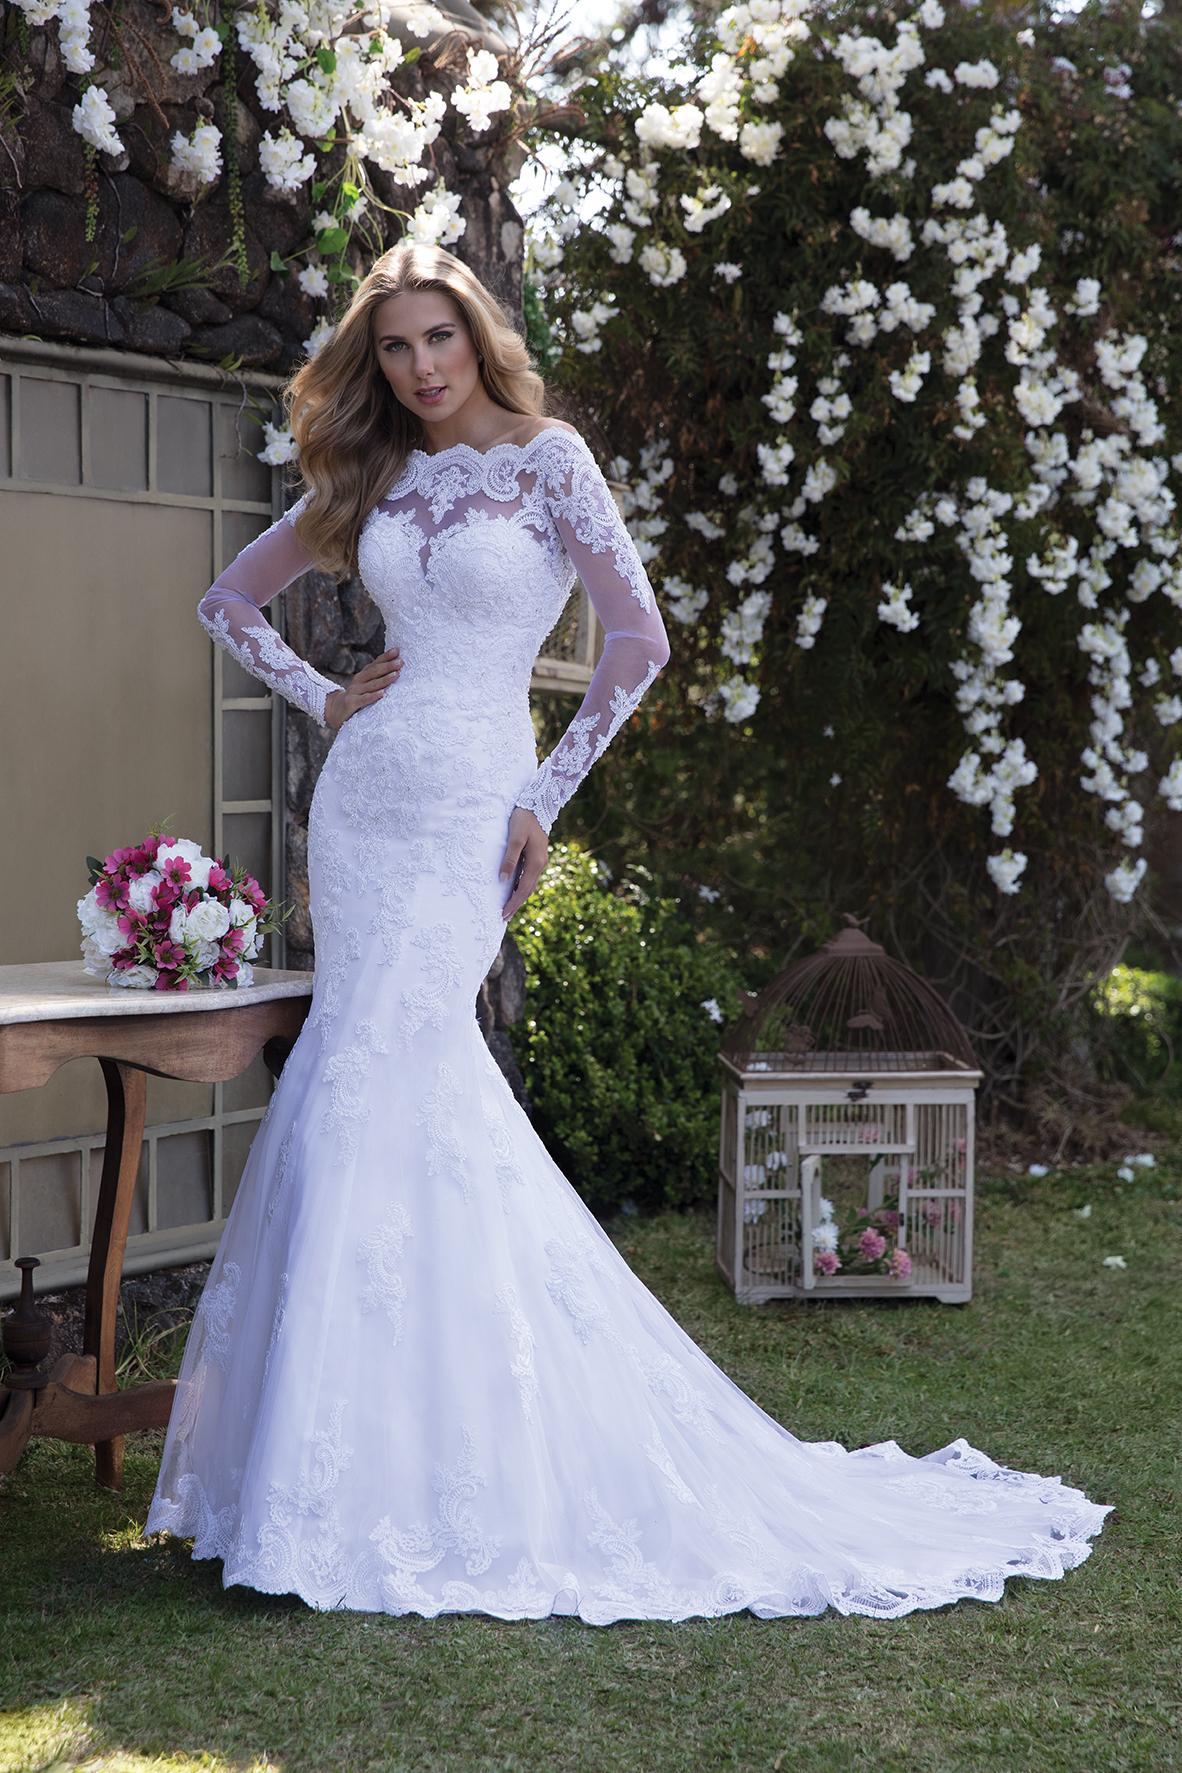 Inspirações para vestidos de noiva - Modelo Lisianto